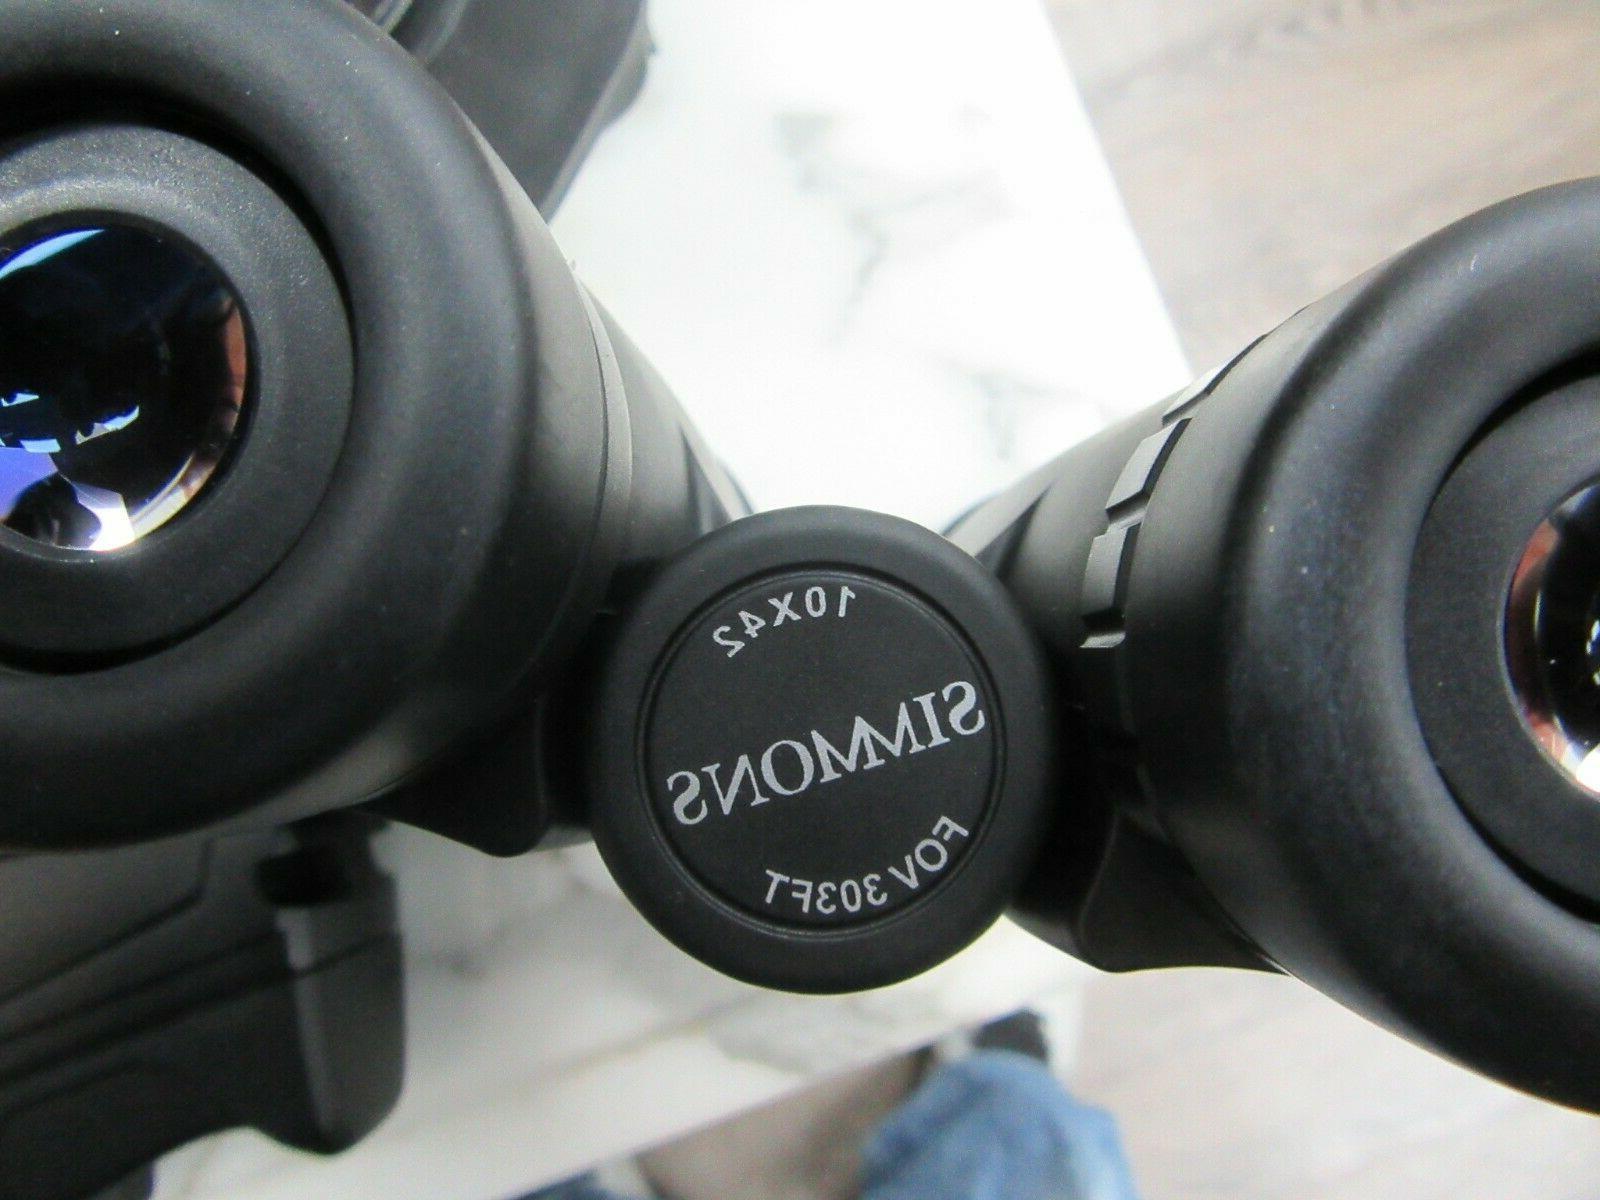 Laser W Binoculars W Case